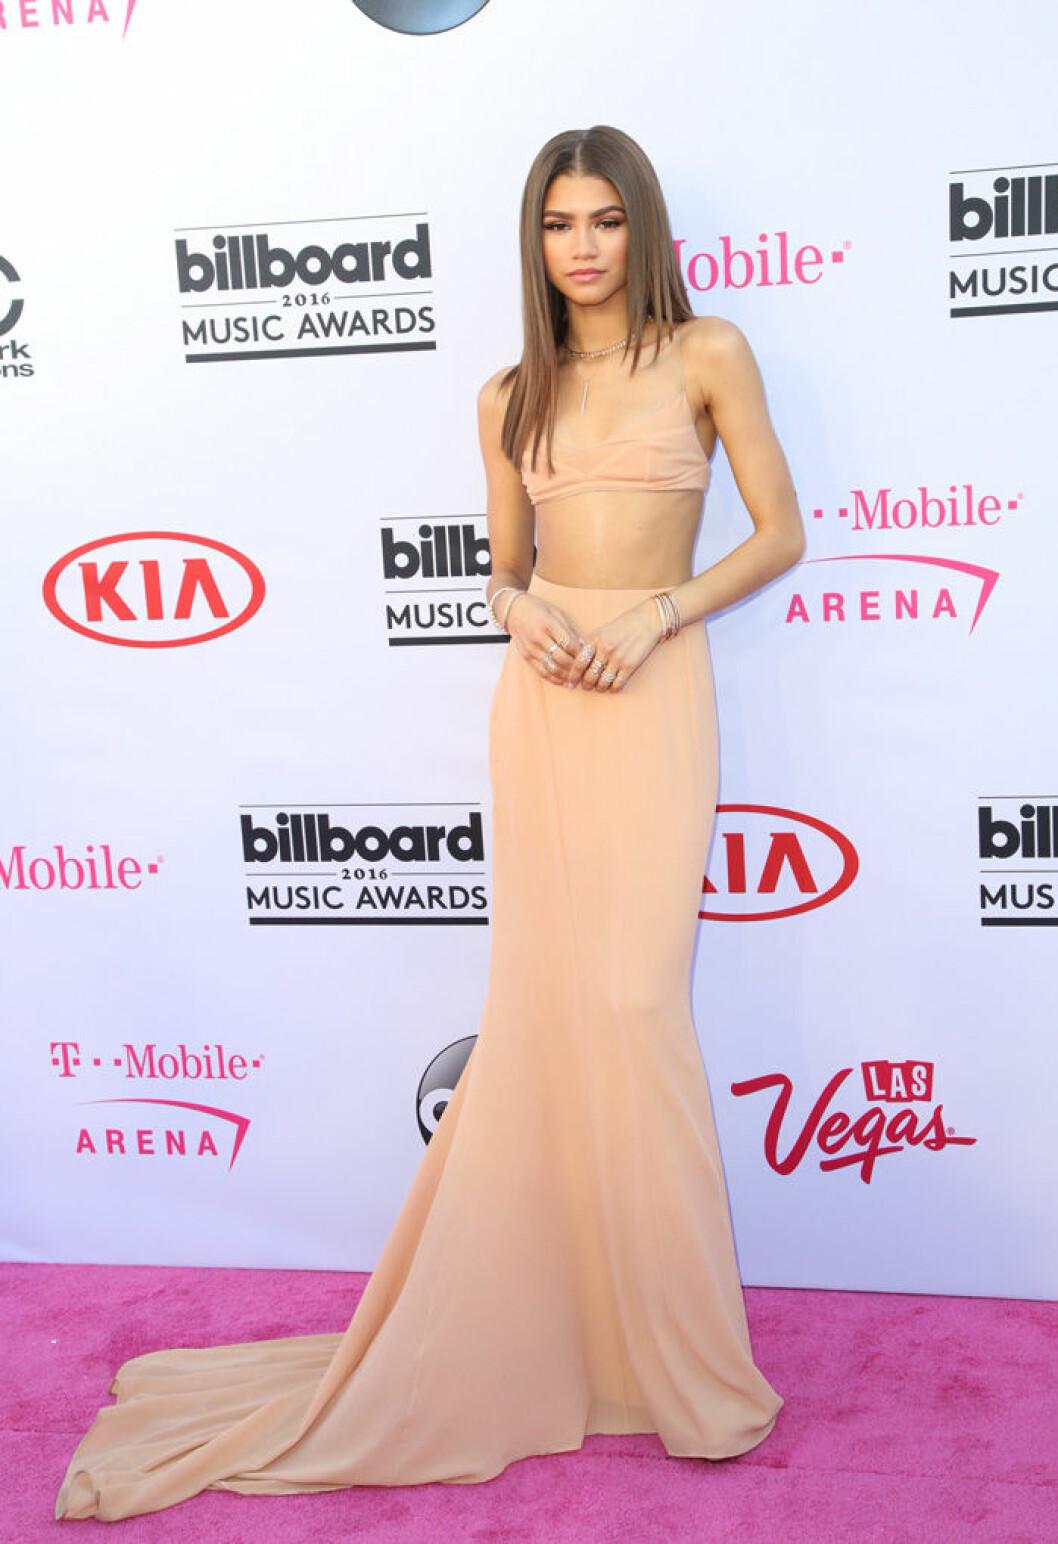 En bild på skådespelerskan Zendaya på Billboard Awards 2016.